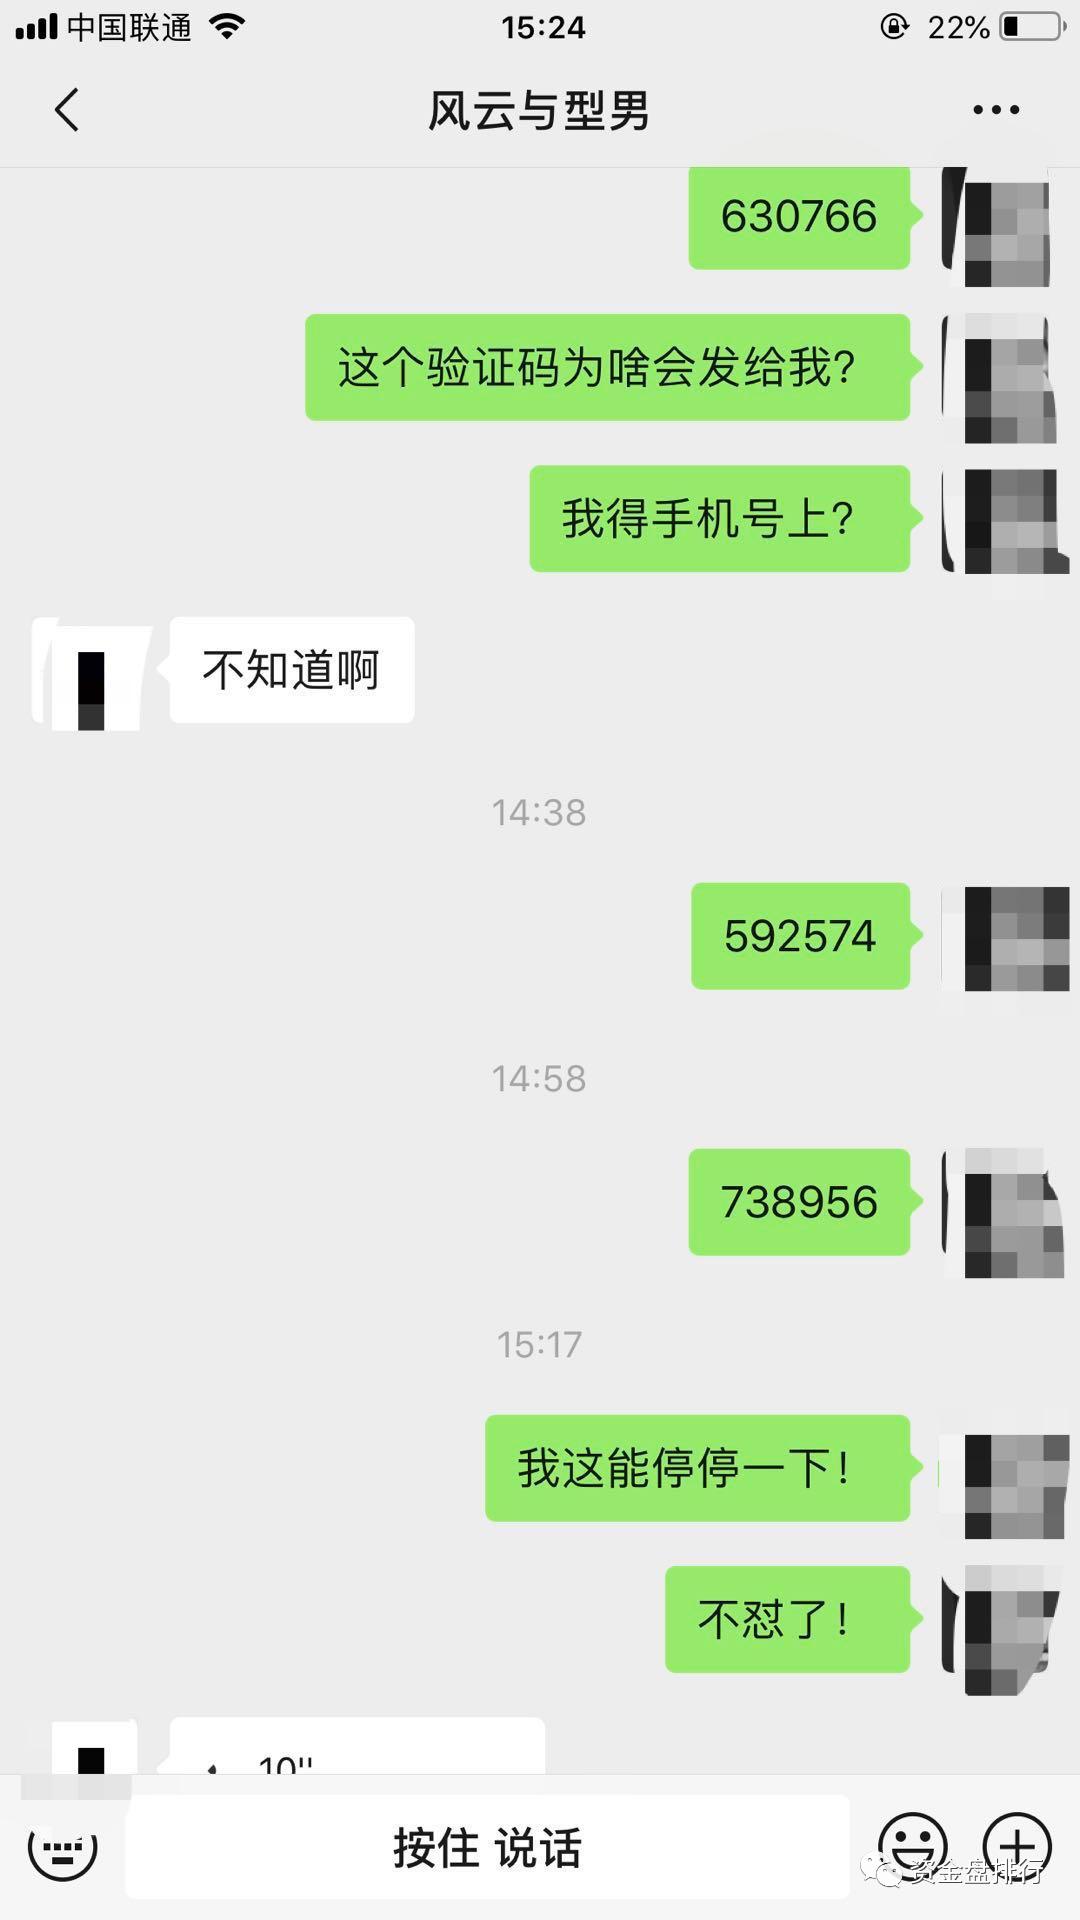 【曝光】火币OTC集体大封卡?洗H钱10000给20元好处费!!!插图(16)